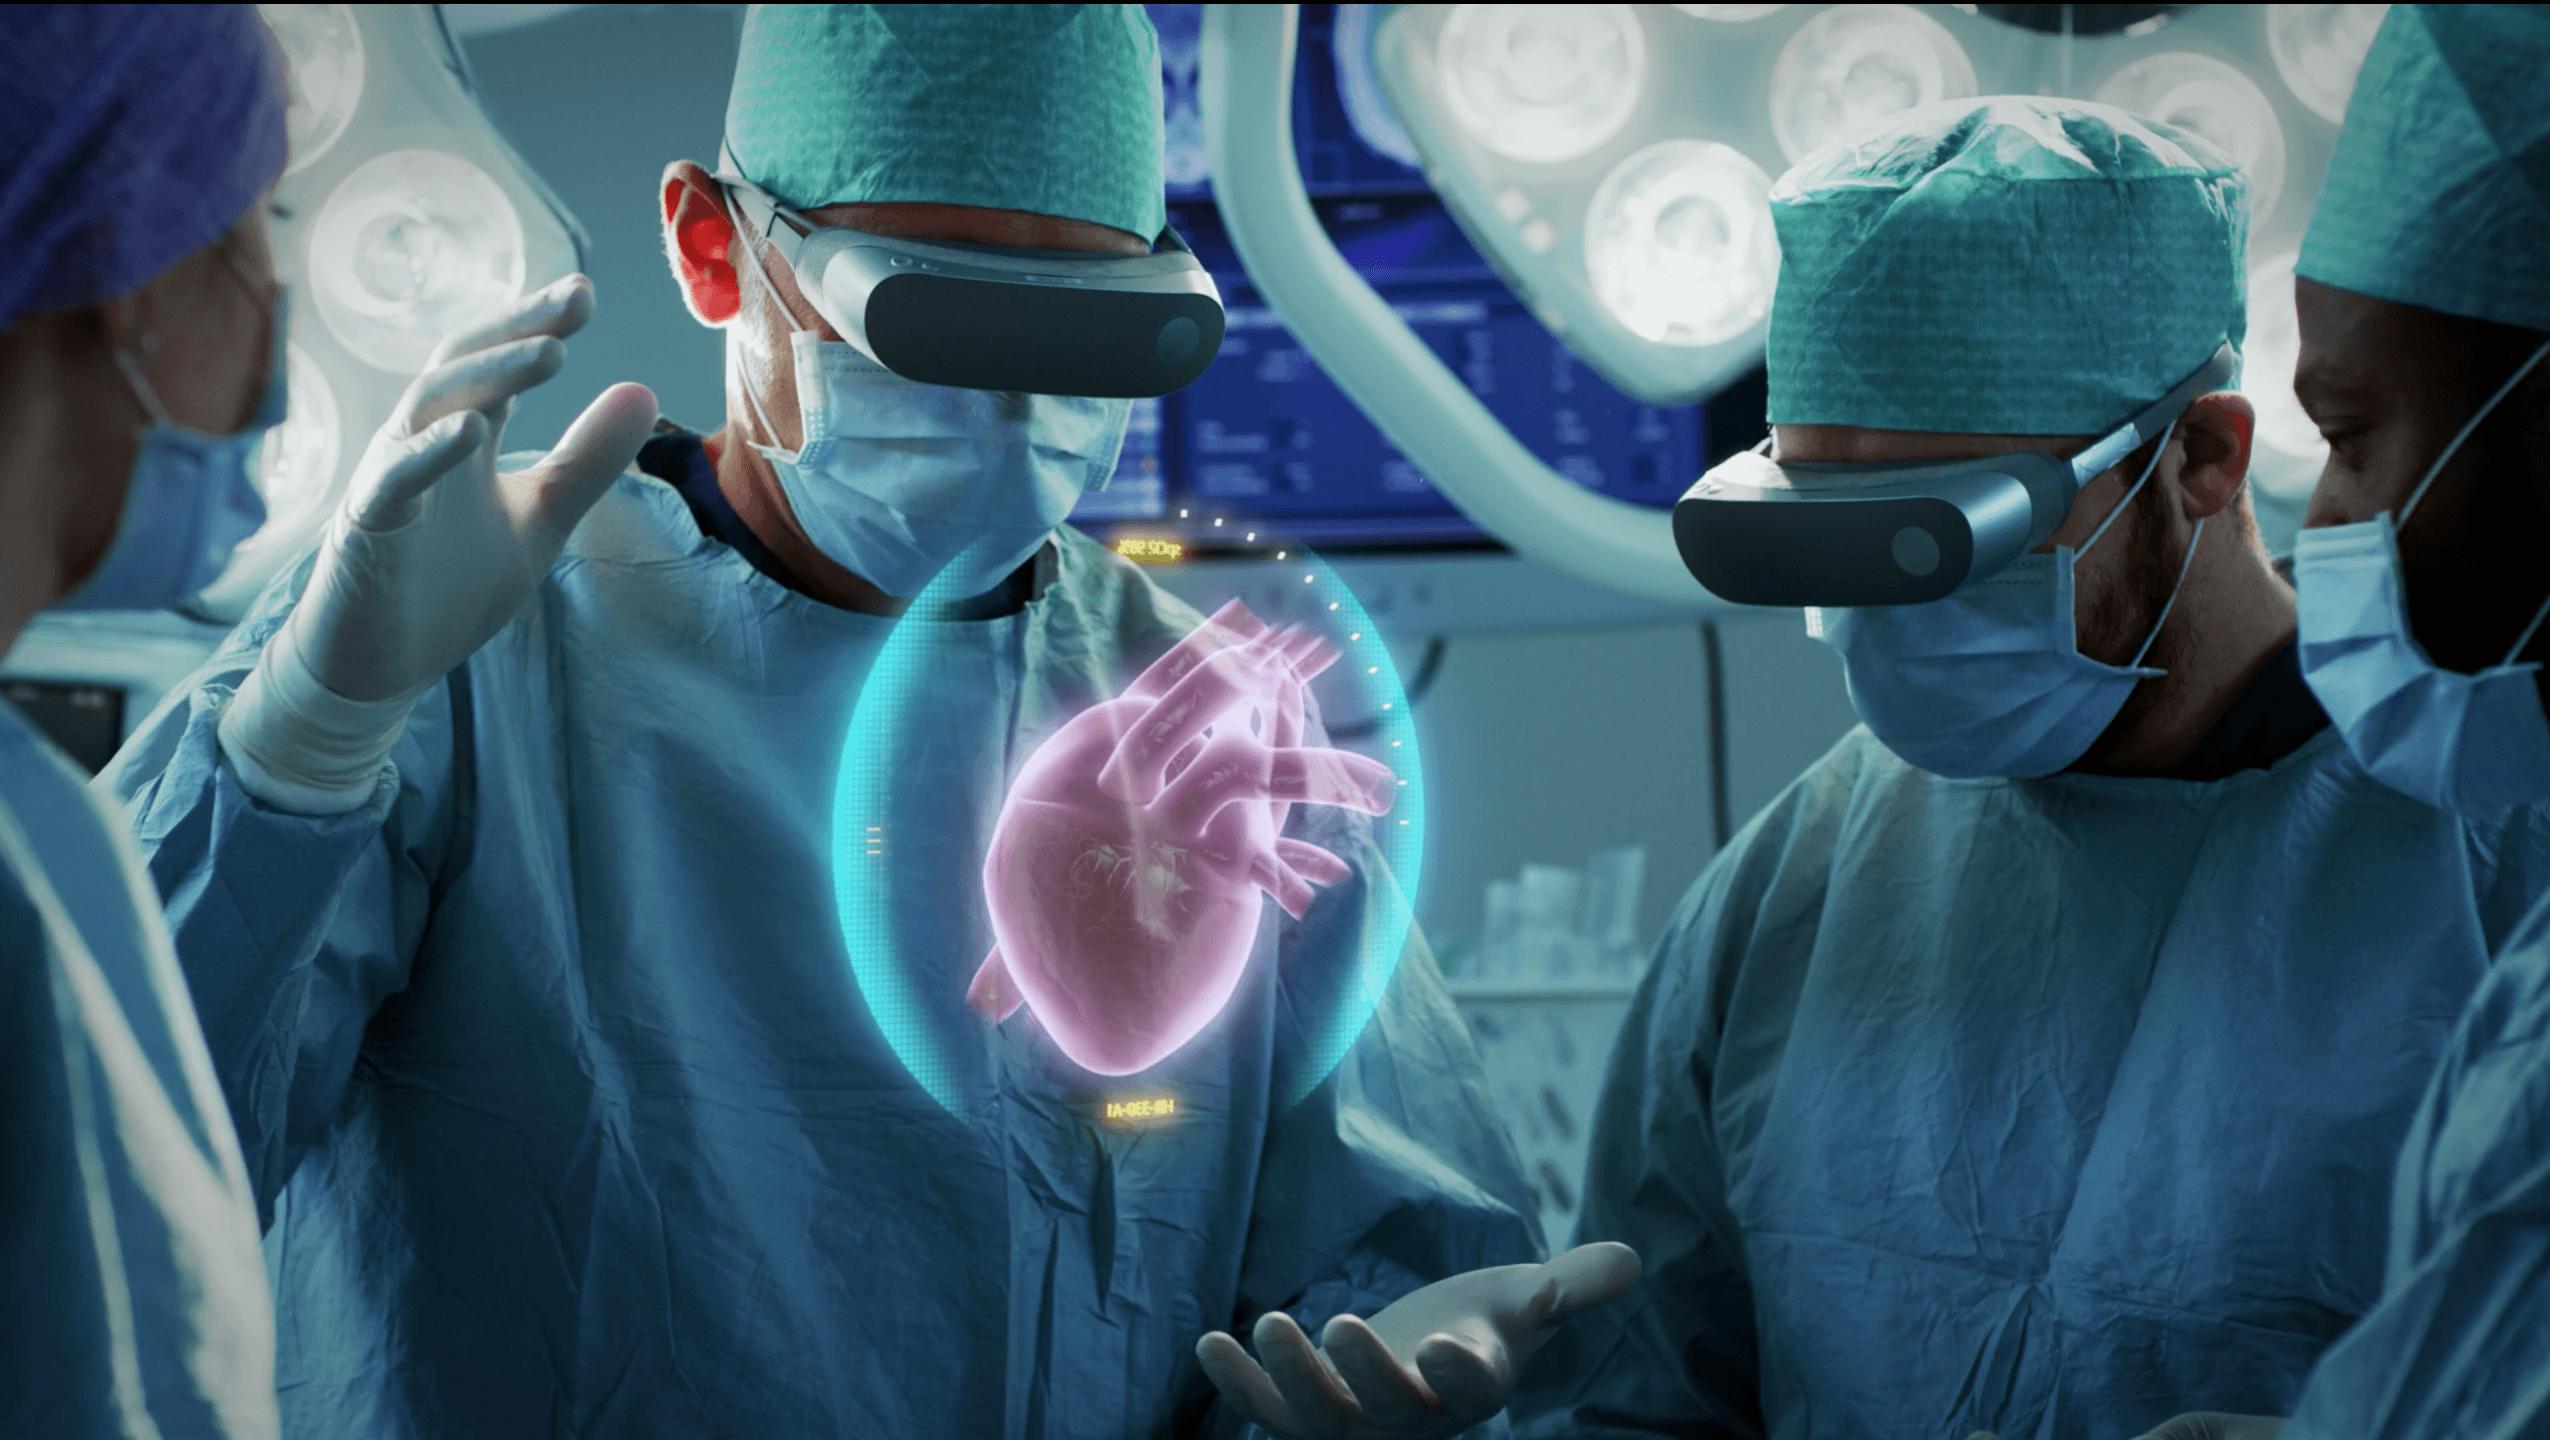 """Υγειονομική περίθαλψη εκπαίδευση: Η υιοθέτηση της εικονικής πραγματικότητας ως """"εργαλείο"""""""